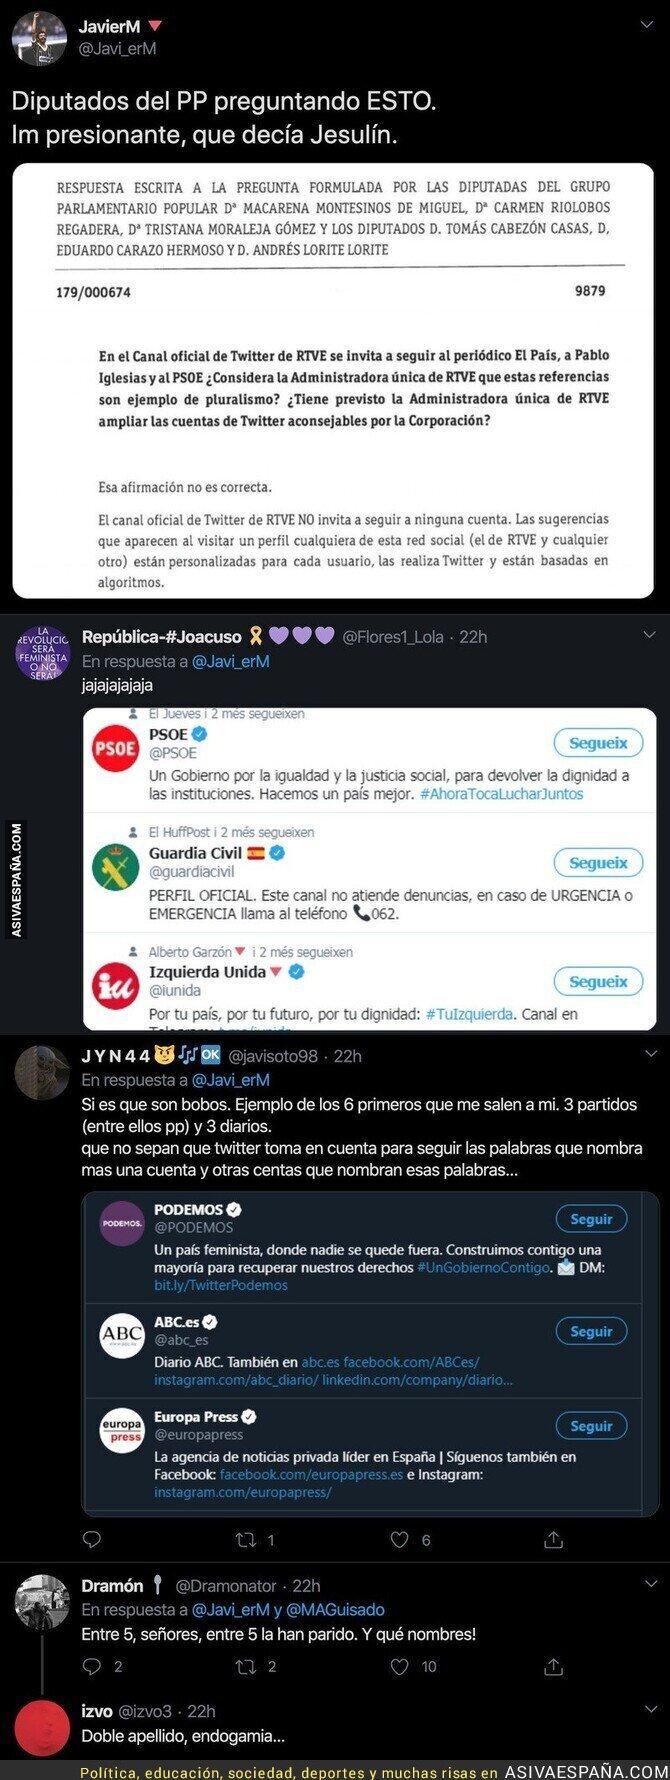 144670 - El ridículo monumental que ha hecho el PP con esta pregunta sobre el Twitter del PSOE